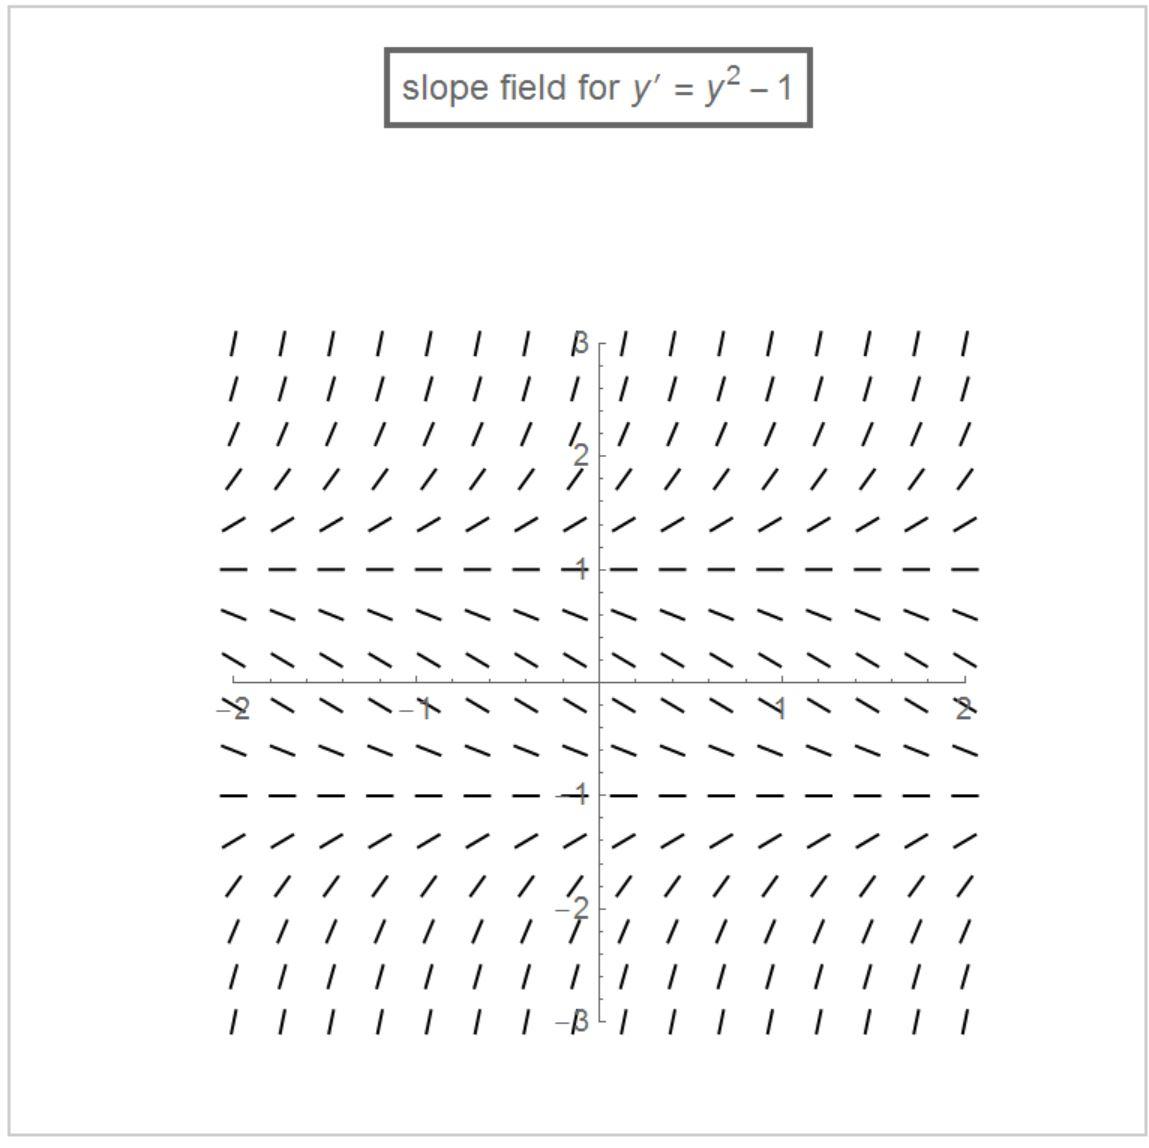 y'=y^2-1